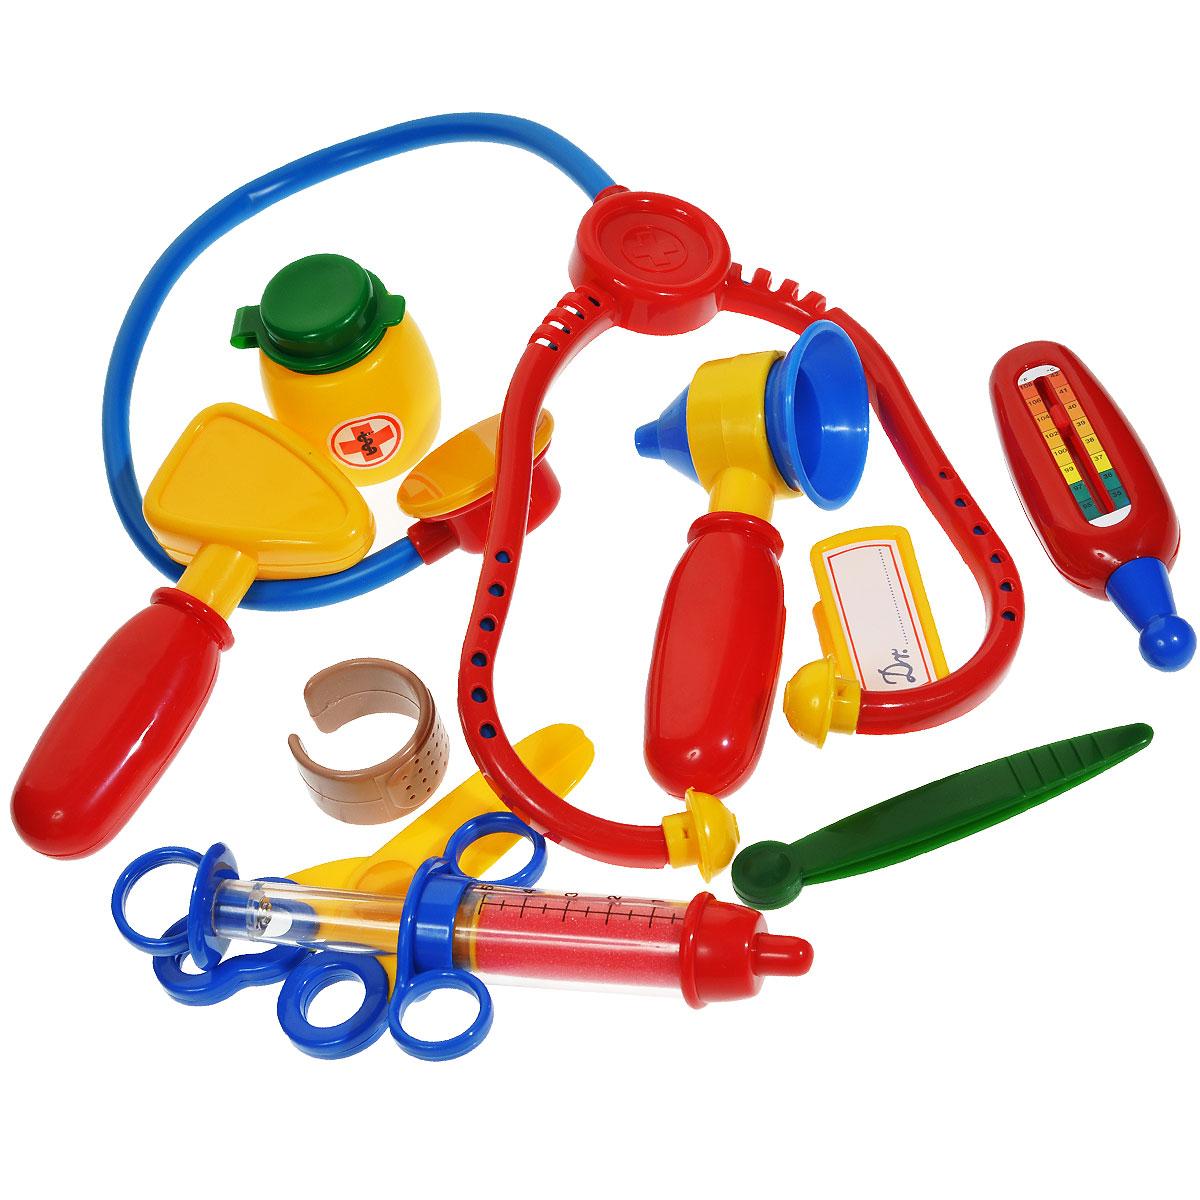 Игровой набор Klein Доктор, 11 предметов klein игровой набор bosch кухонный центр стайл 18 предметов